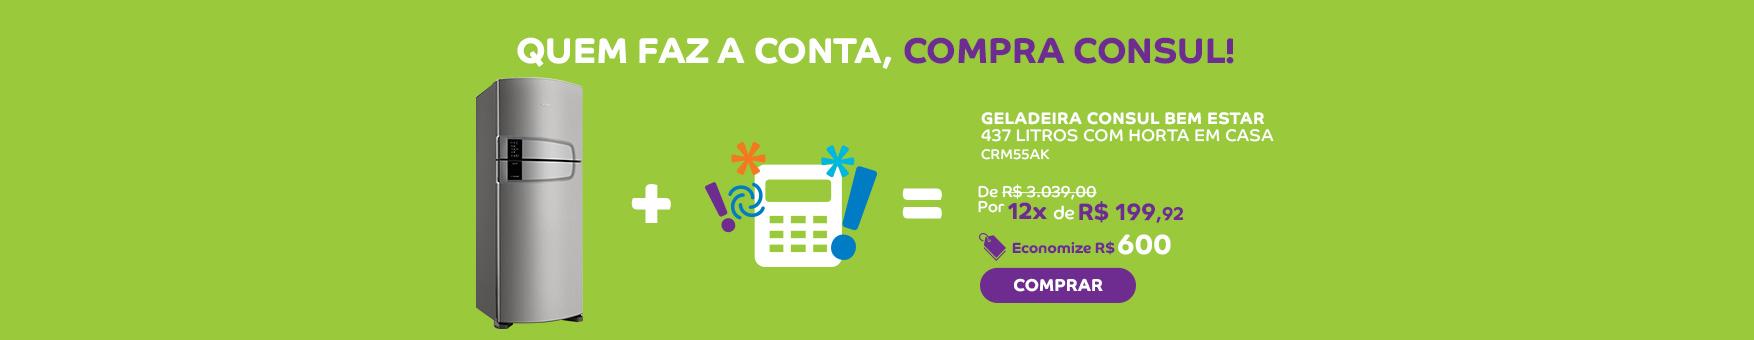 Promoção Interna - 112 - matematicaconsul_crm55ak_home_3072015 - crm55ak - 3